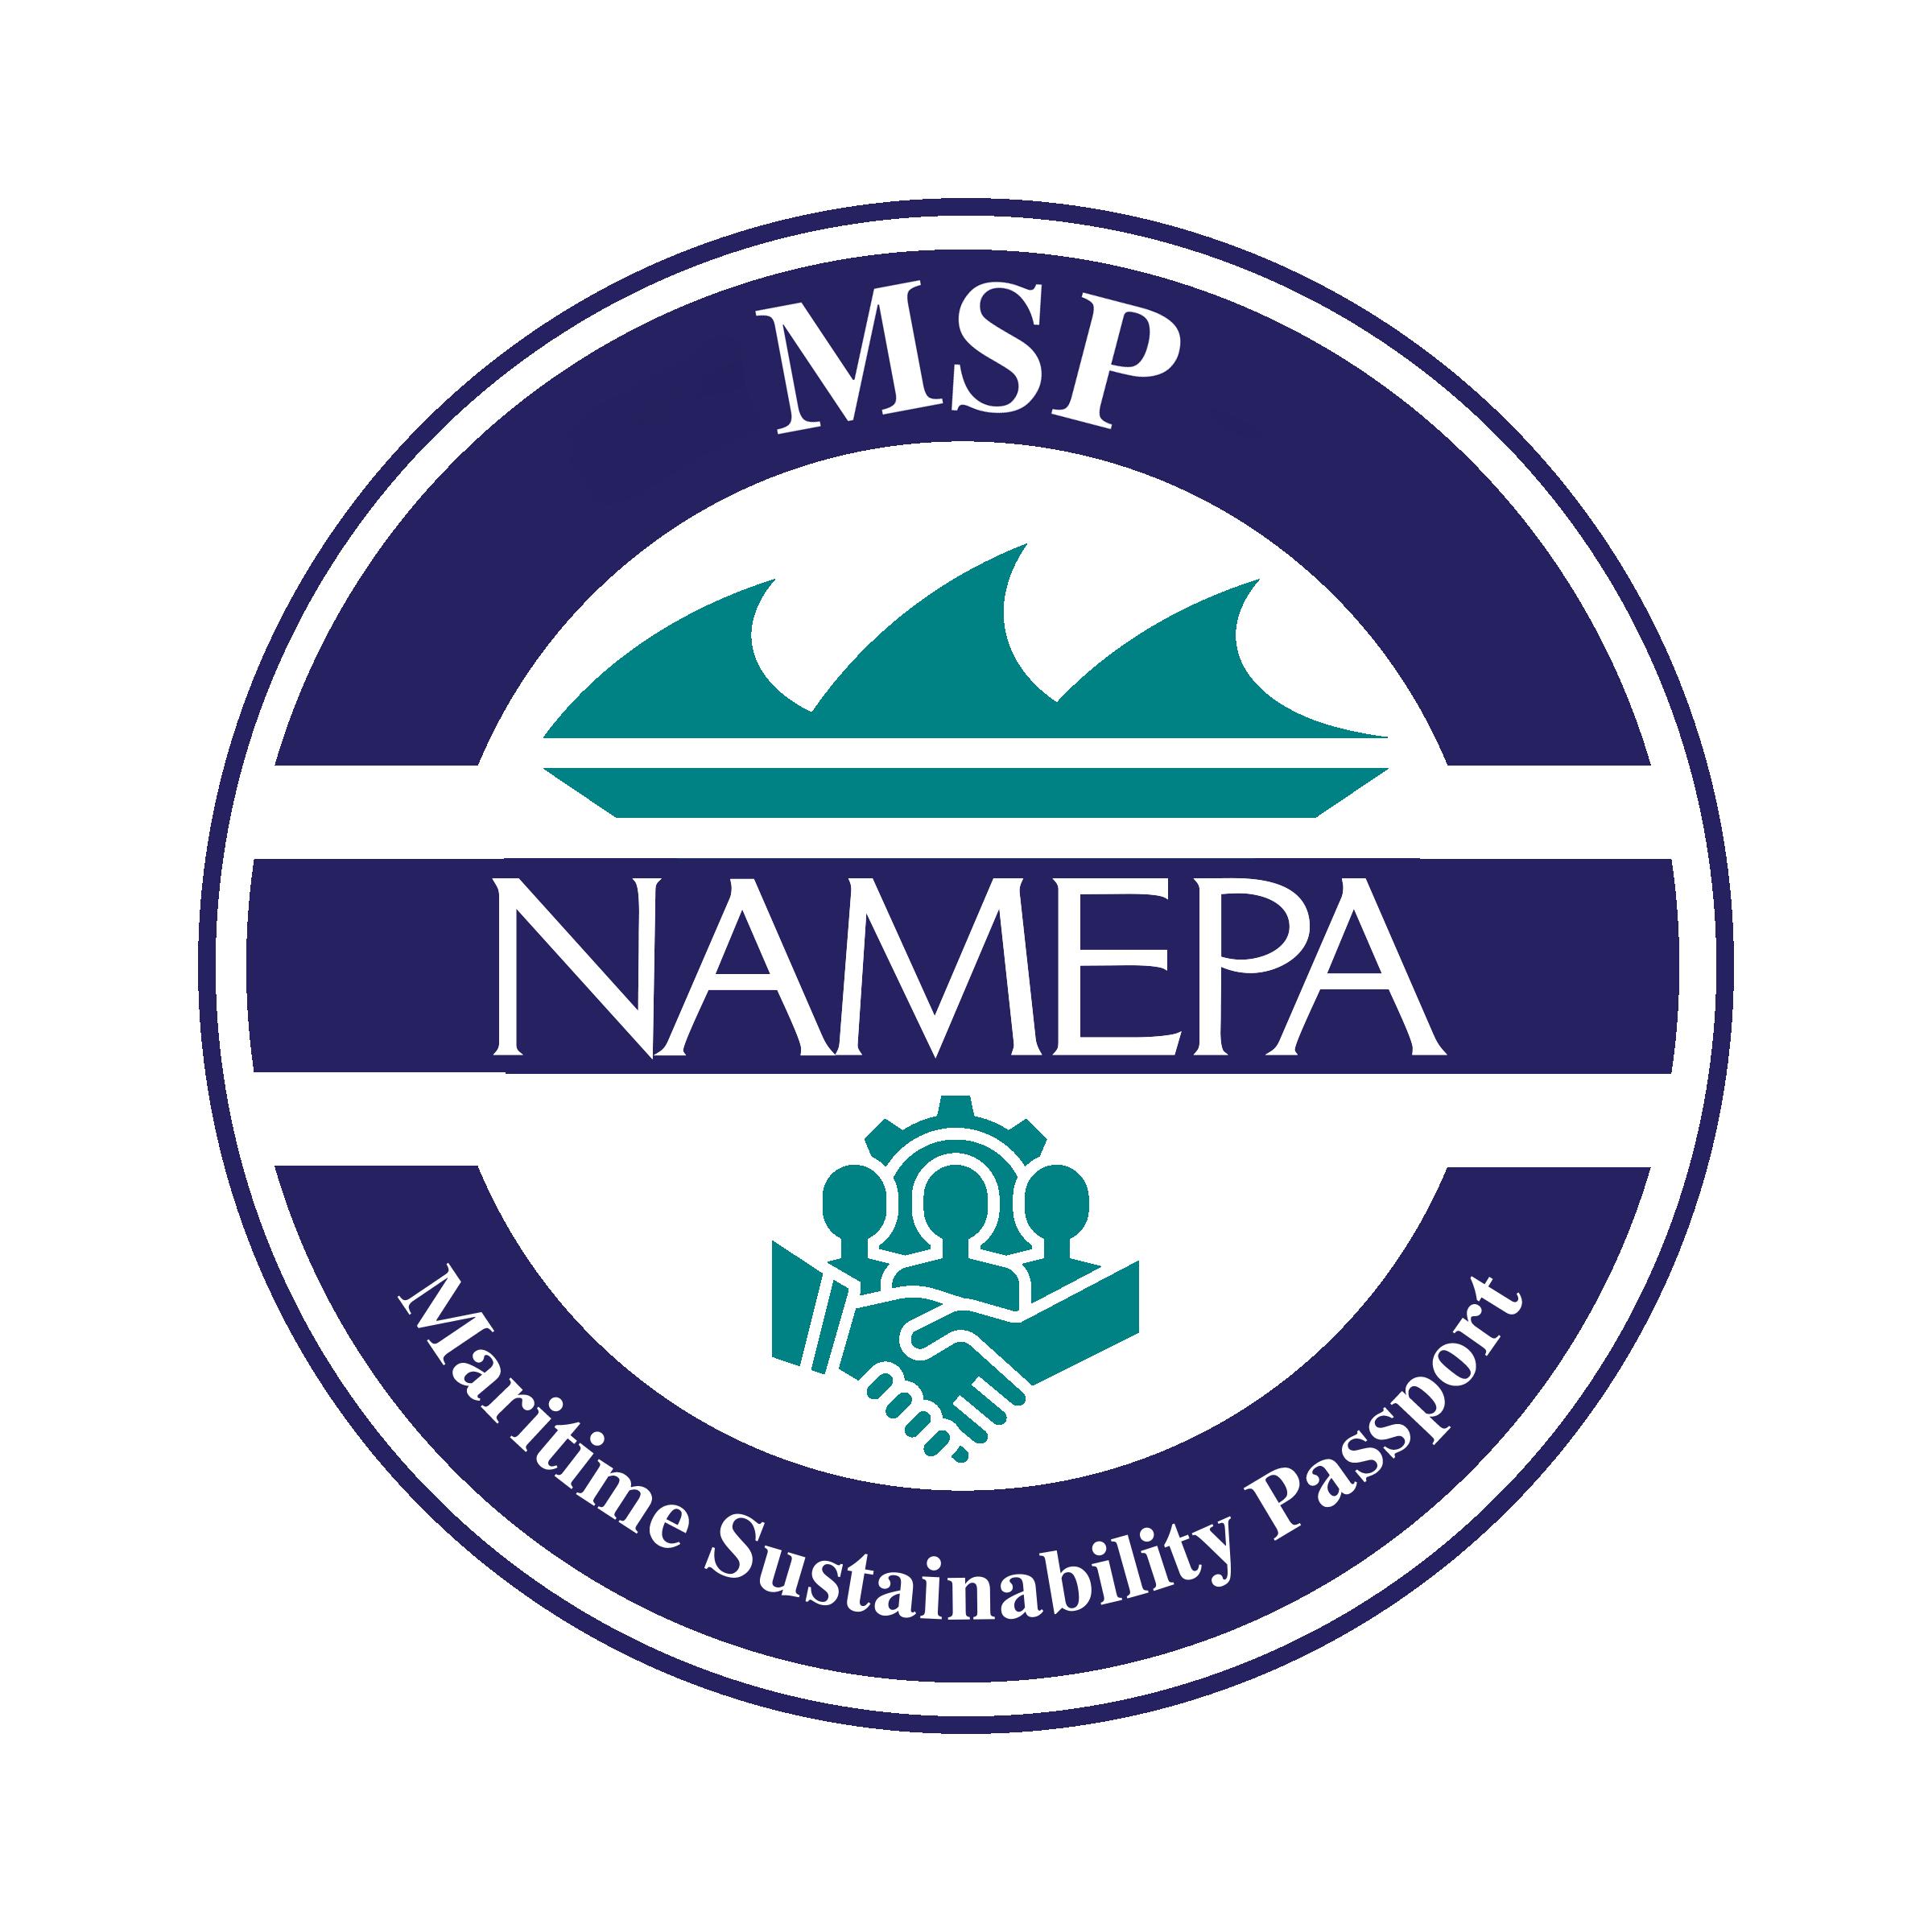 NAMEPA Maritime Sustainability Passport seal